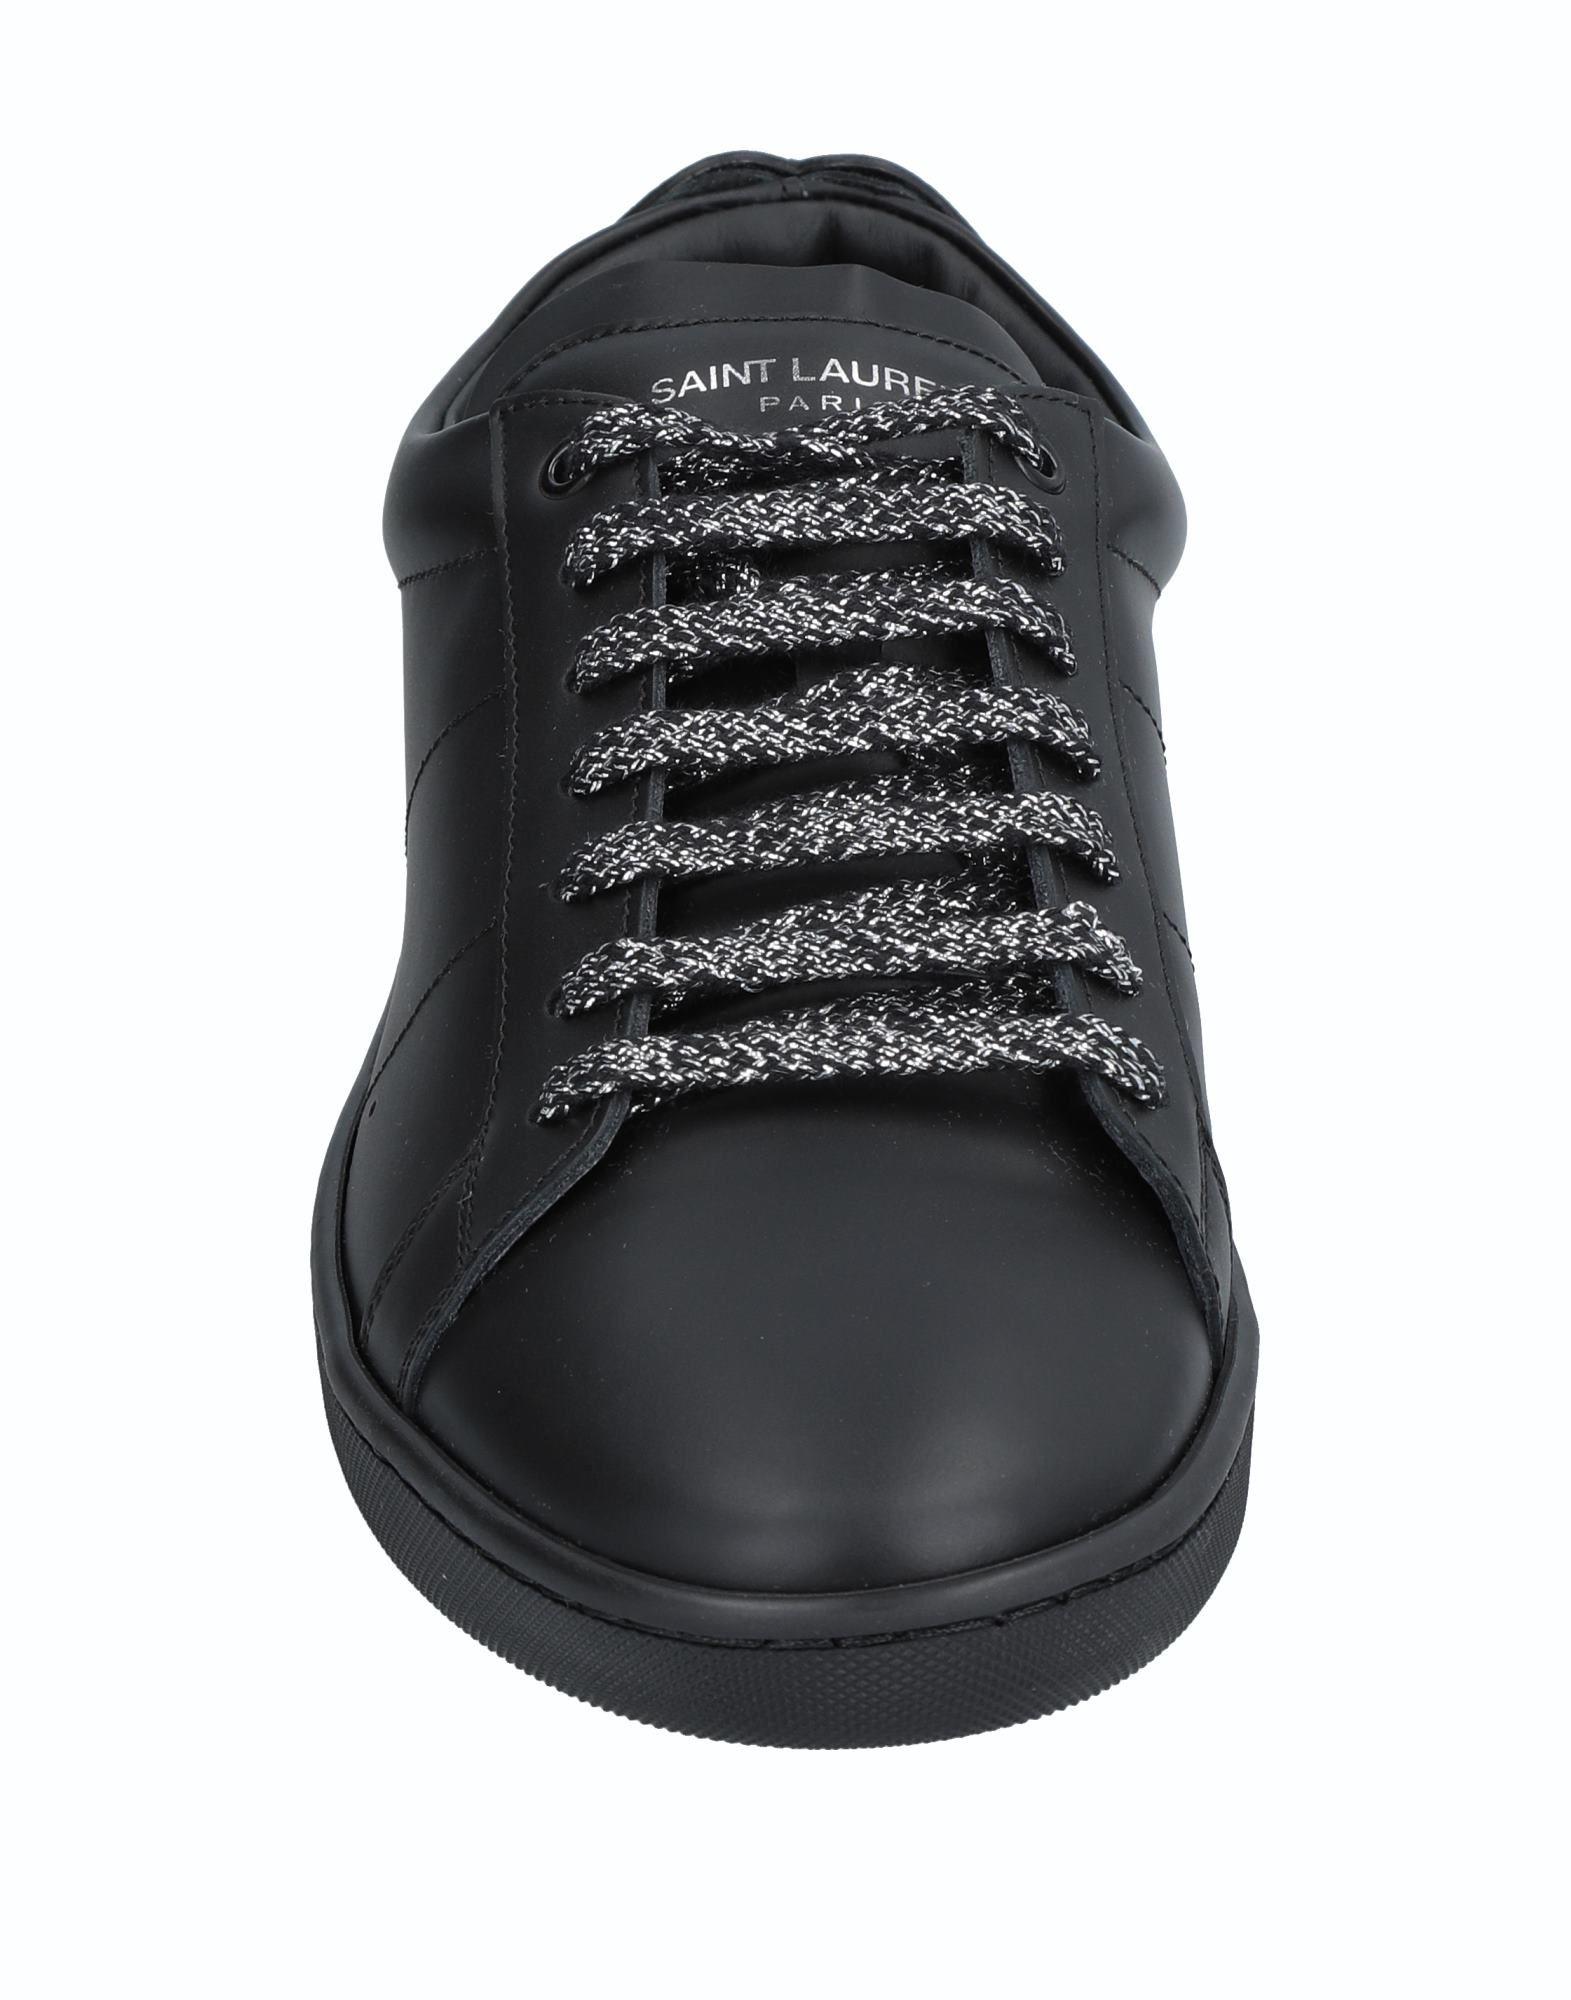 Saint Laurent Sneakers Herren  Schuhe 11538001IK Gute Qualität beliebte Schuhe  d5ab55